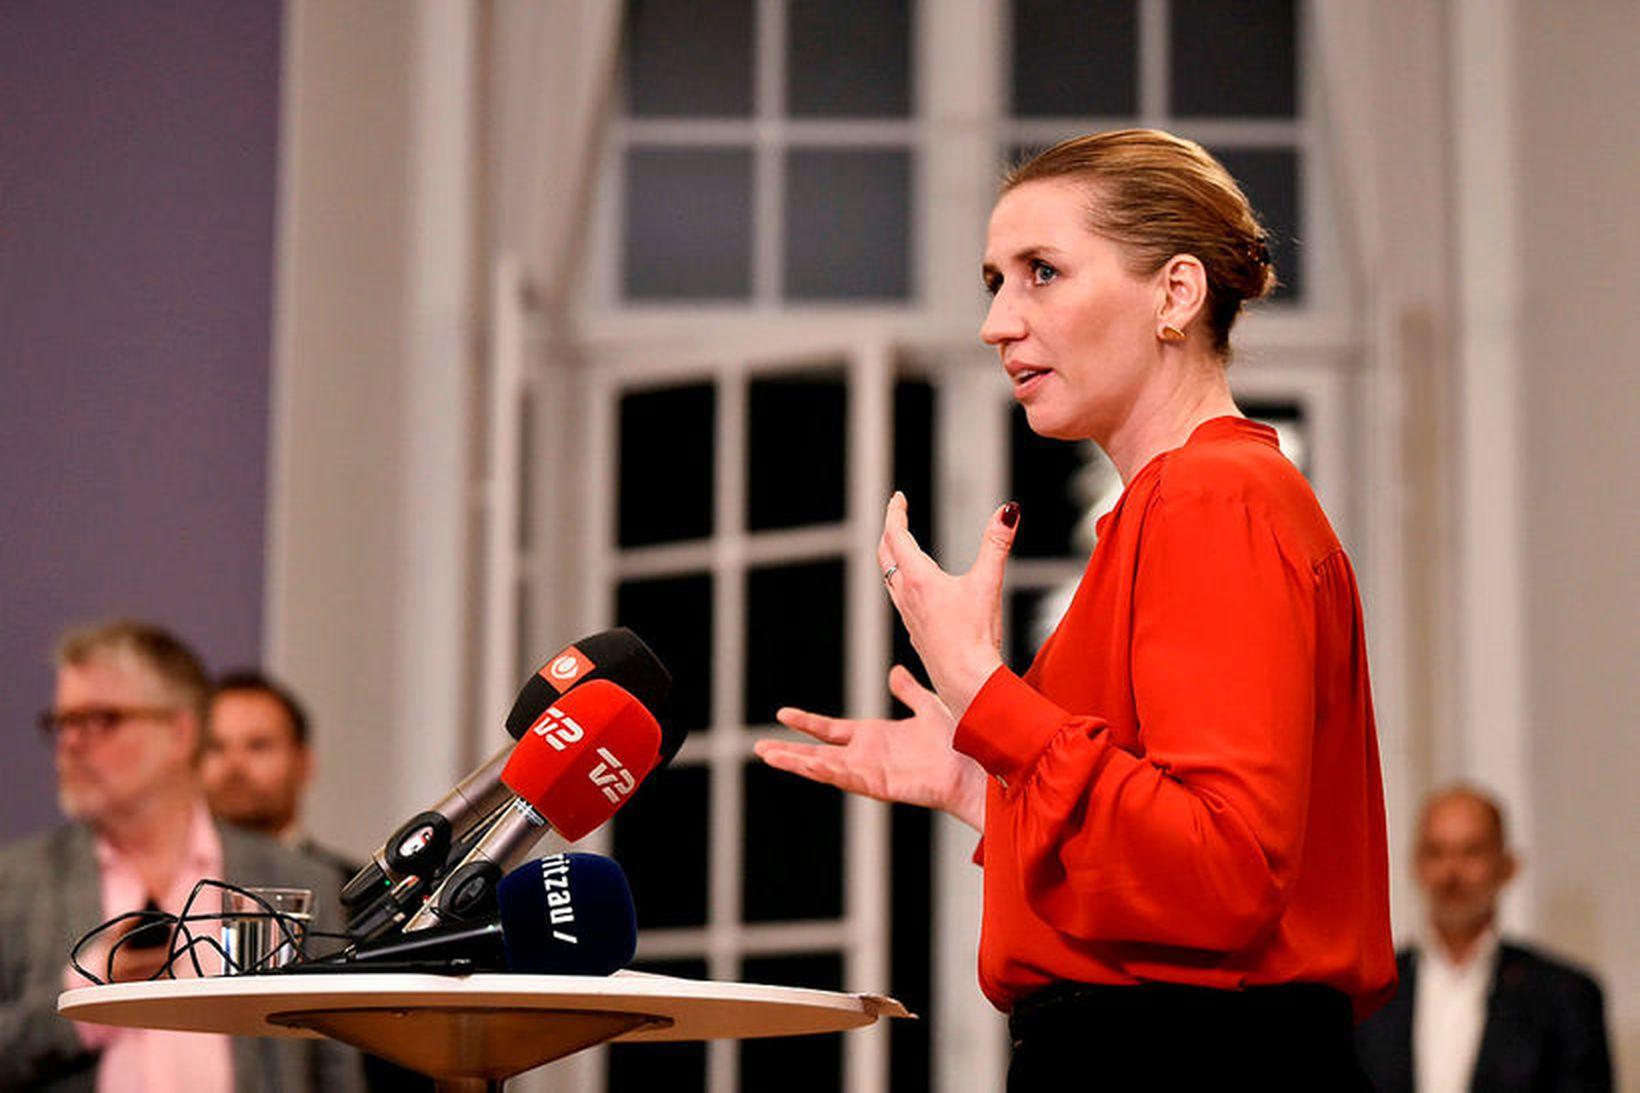 Mette Frederiksen, forsætisráðherra Danmerkur, kynnir nýjan stjórnarsáttmála dönsku ríkisstjórnarinnar í …